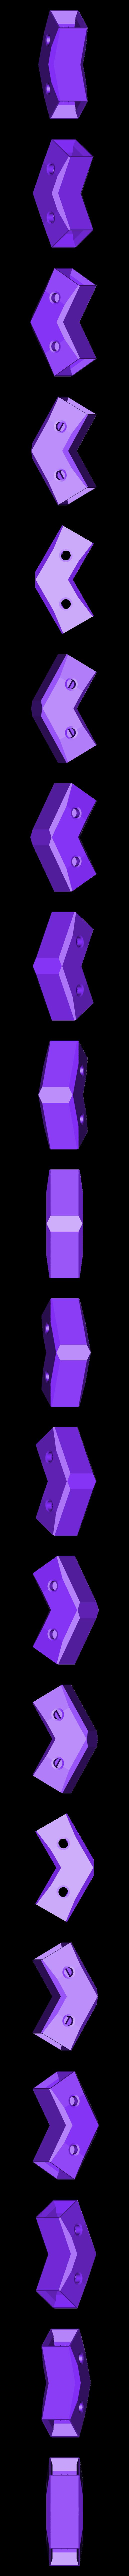 SINGLEHexagonal_20x20framecorners.stl Télécharger fichier STL gratuit Encadrements hexagonaux 20x20 • Objet pour imprimante 3D, Henry_Millenium